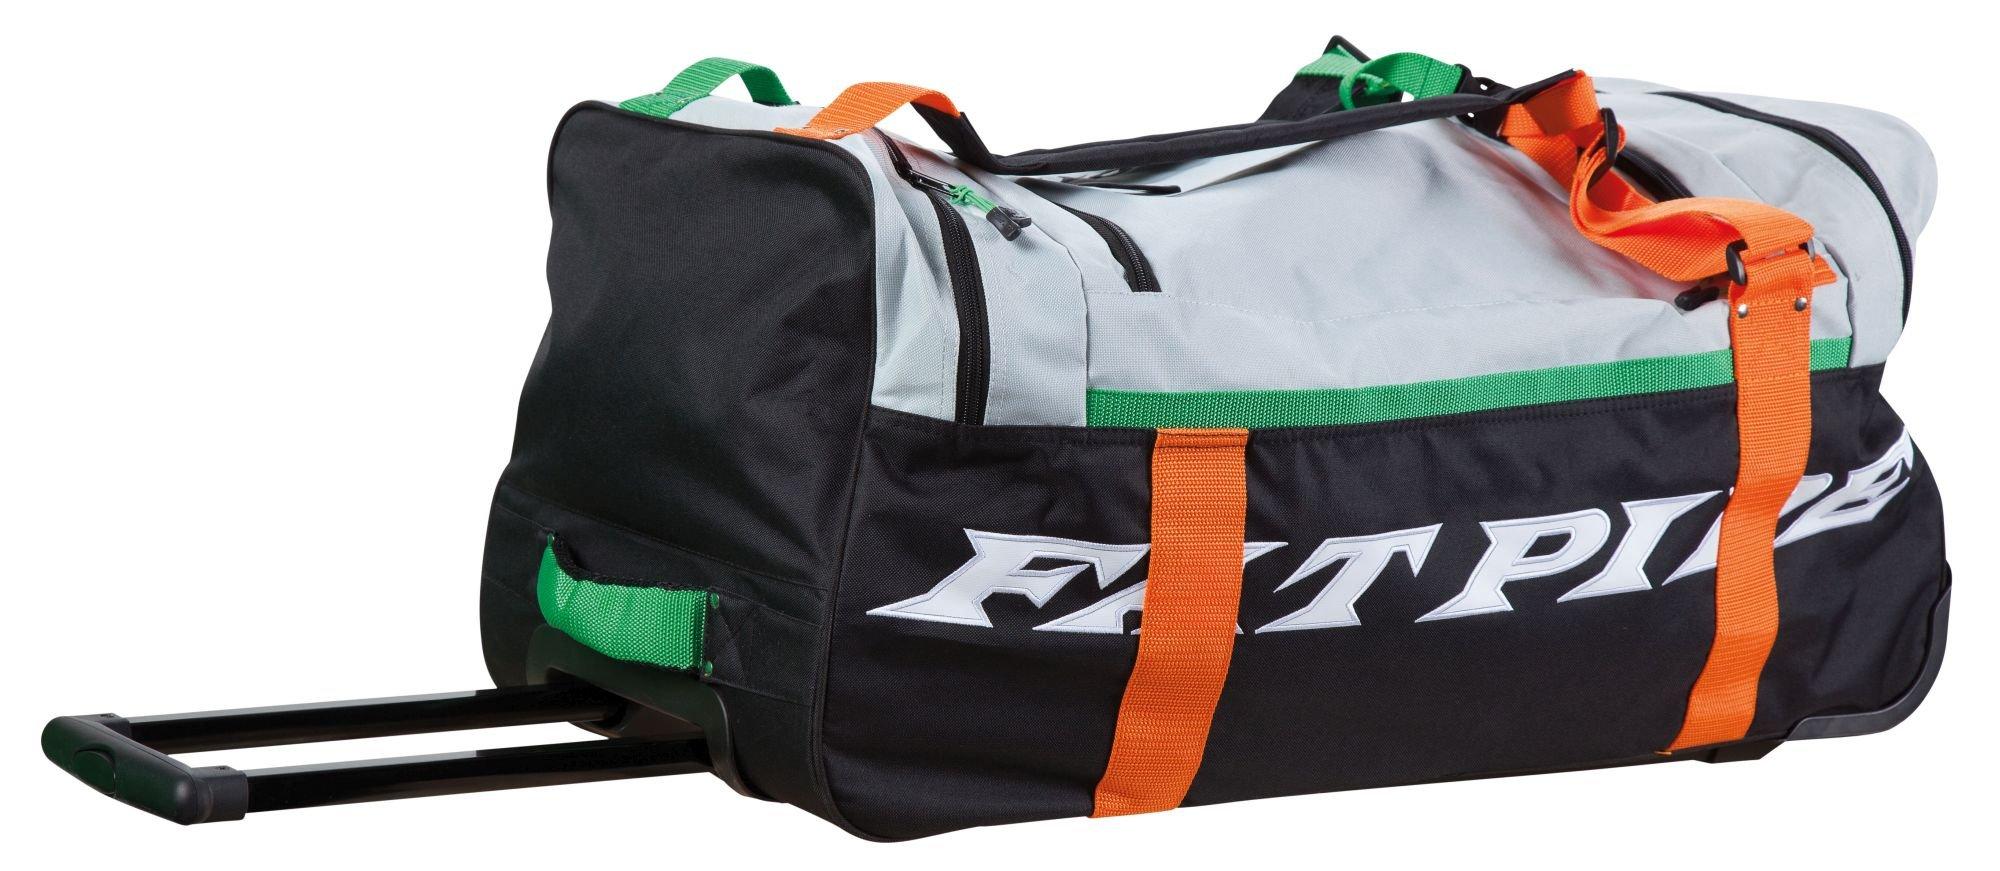 Fatpipe Radar - Big Trolley taška s kolečky 16/17 černá-šedá-oranžová-zelená